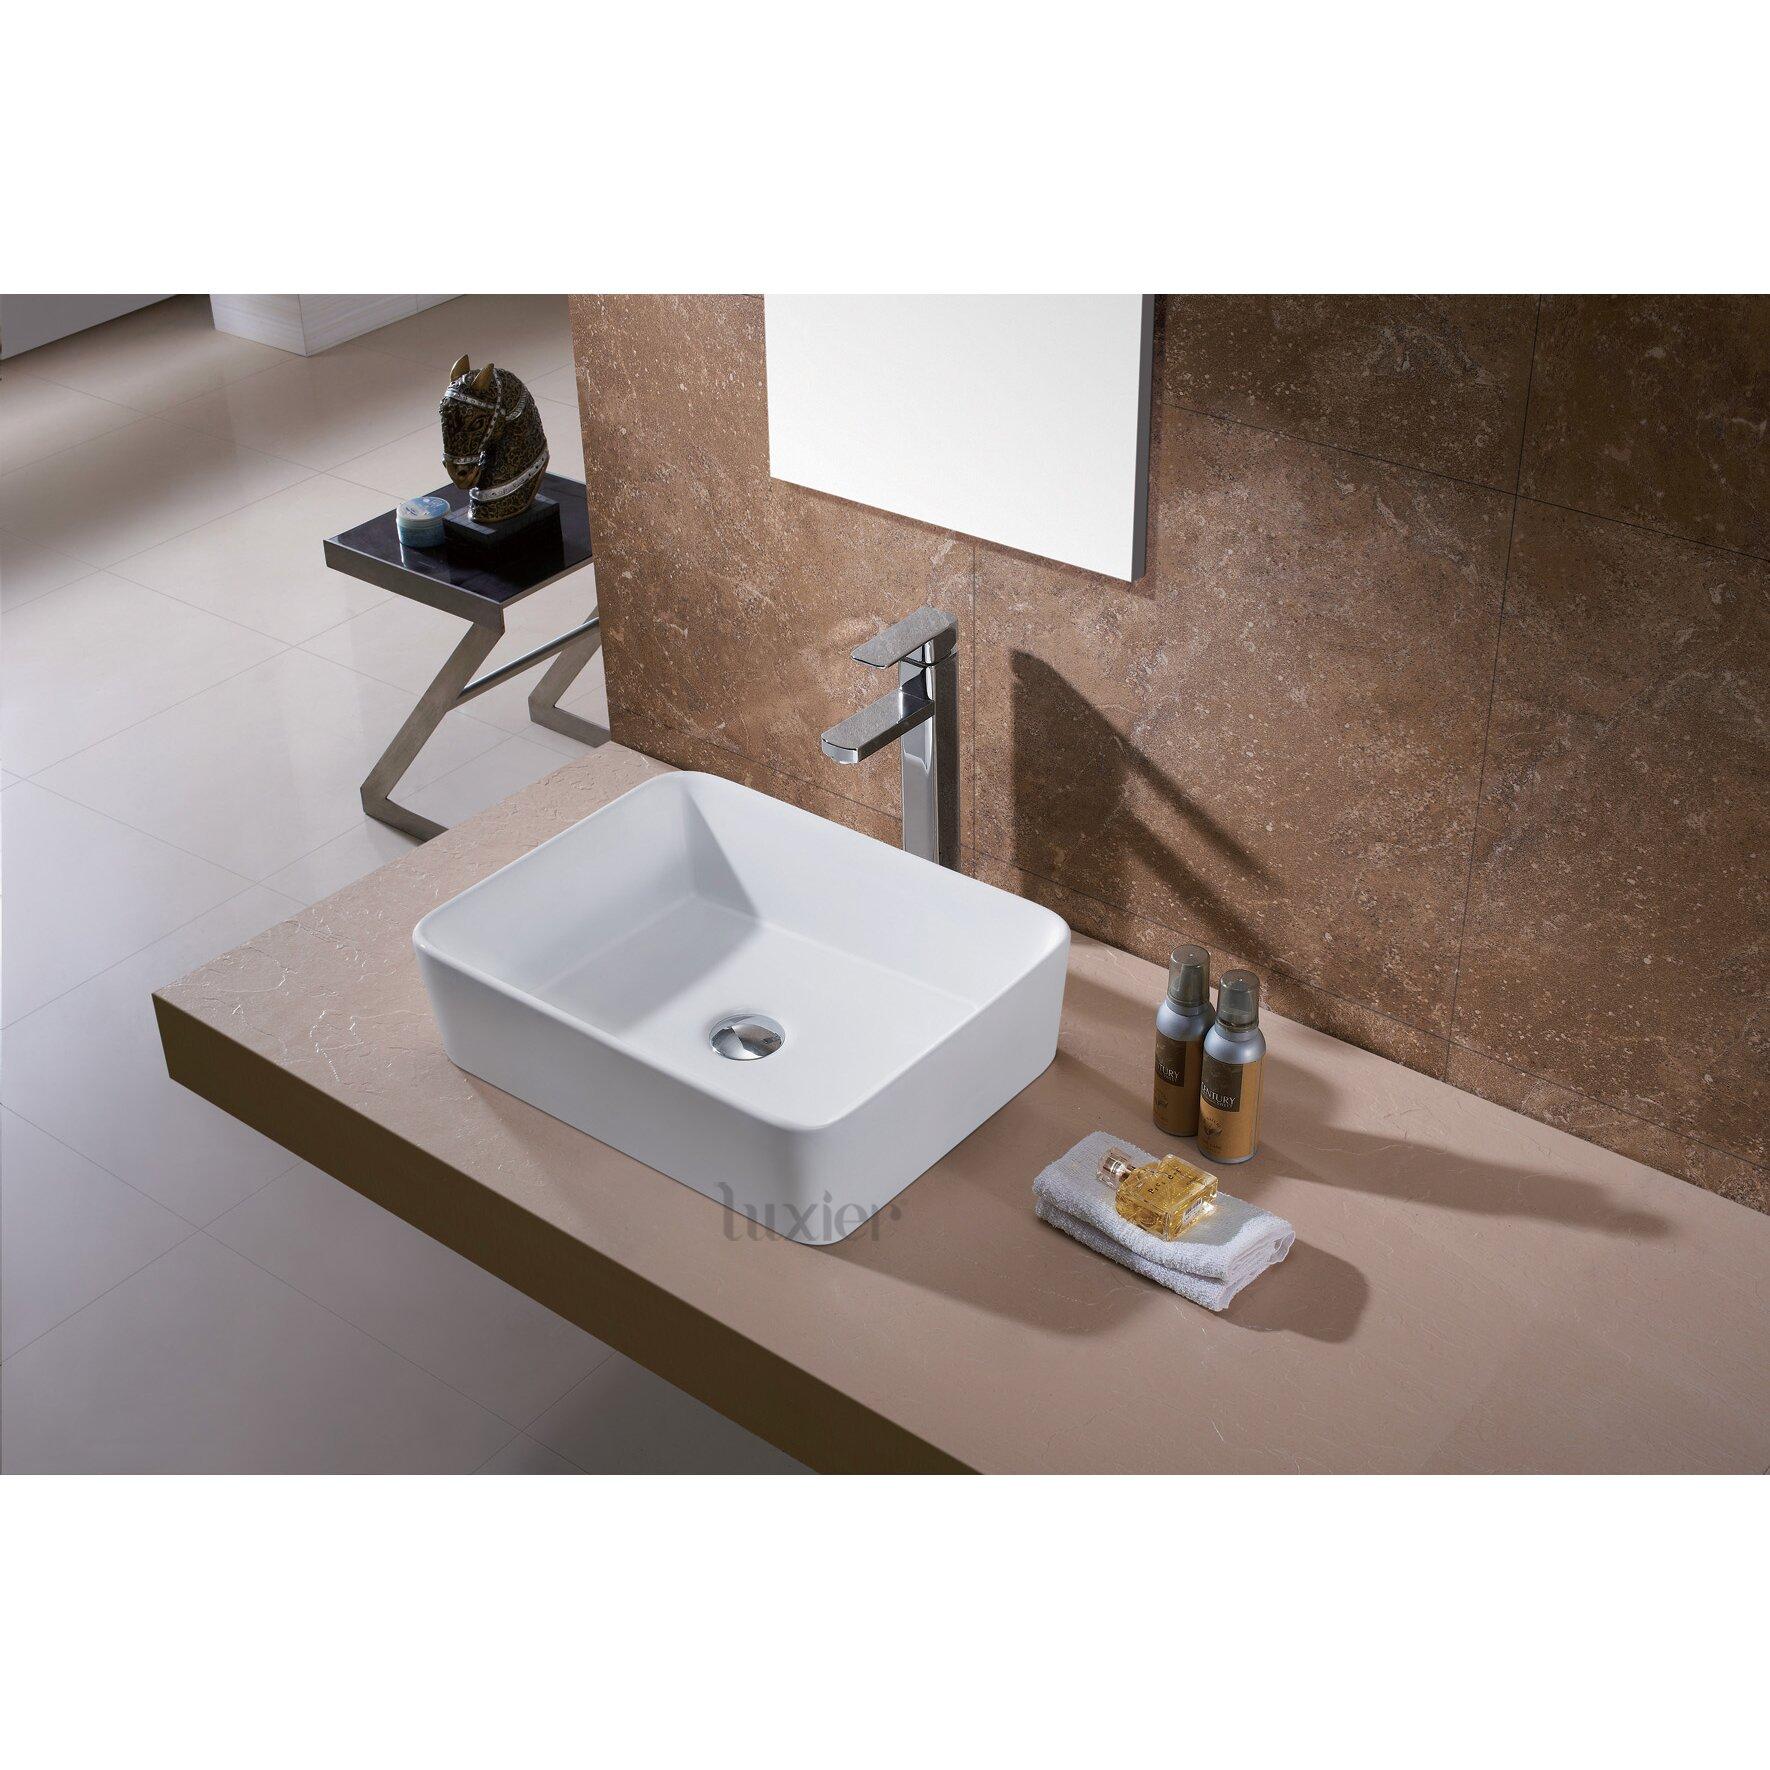 Luxier Ceramic Vessel Bathroom Sink Reviews Wayfair